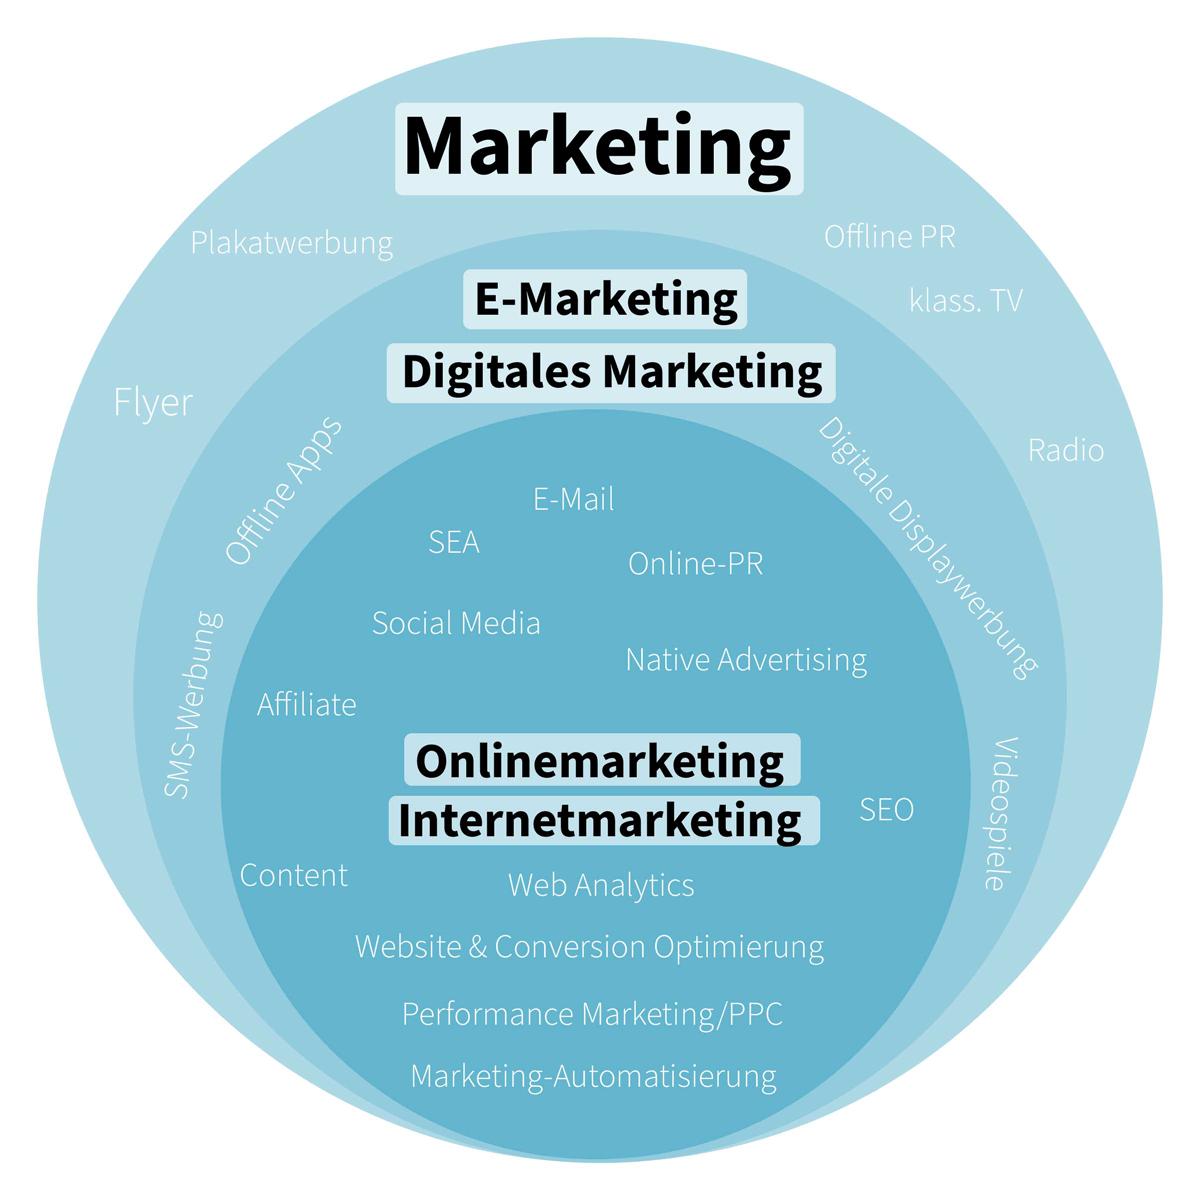 Die Unterschiede zwischen E-Marketing, digitalem Marketing und Onlinemarketing auf einen Blick